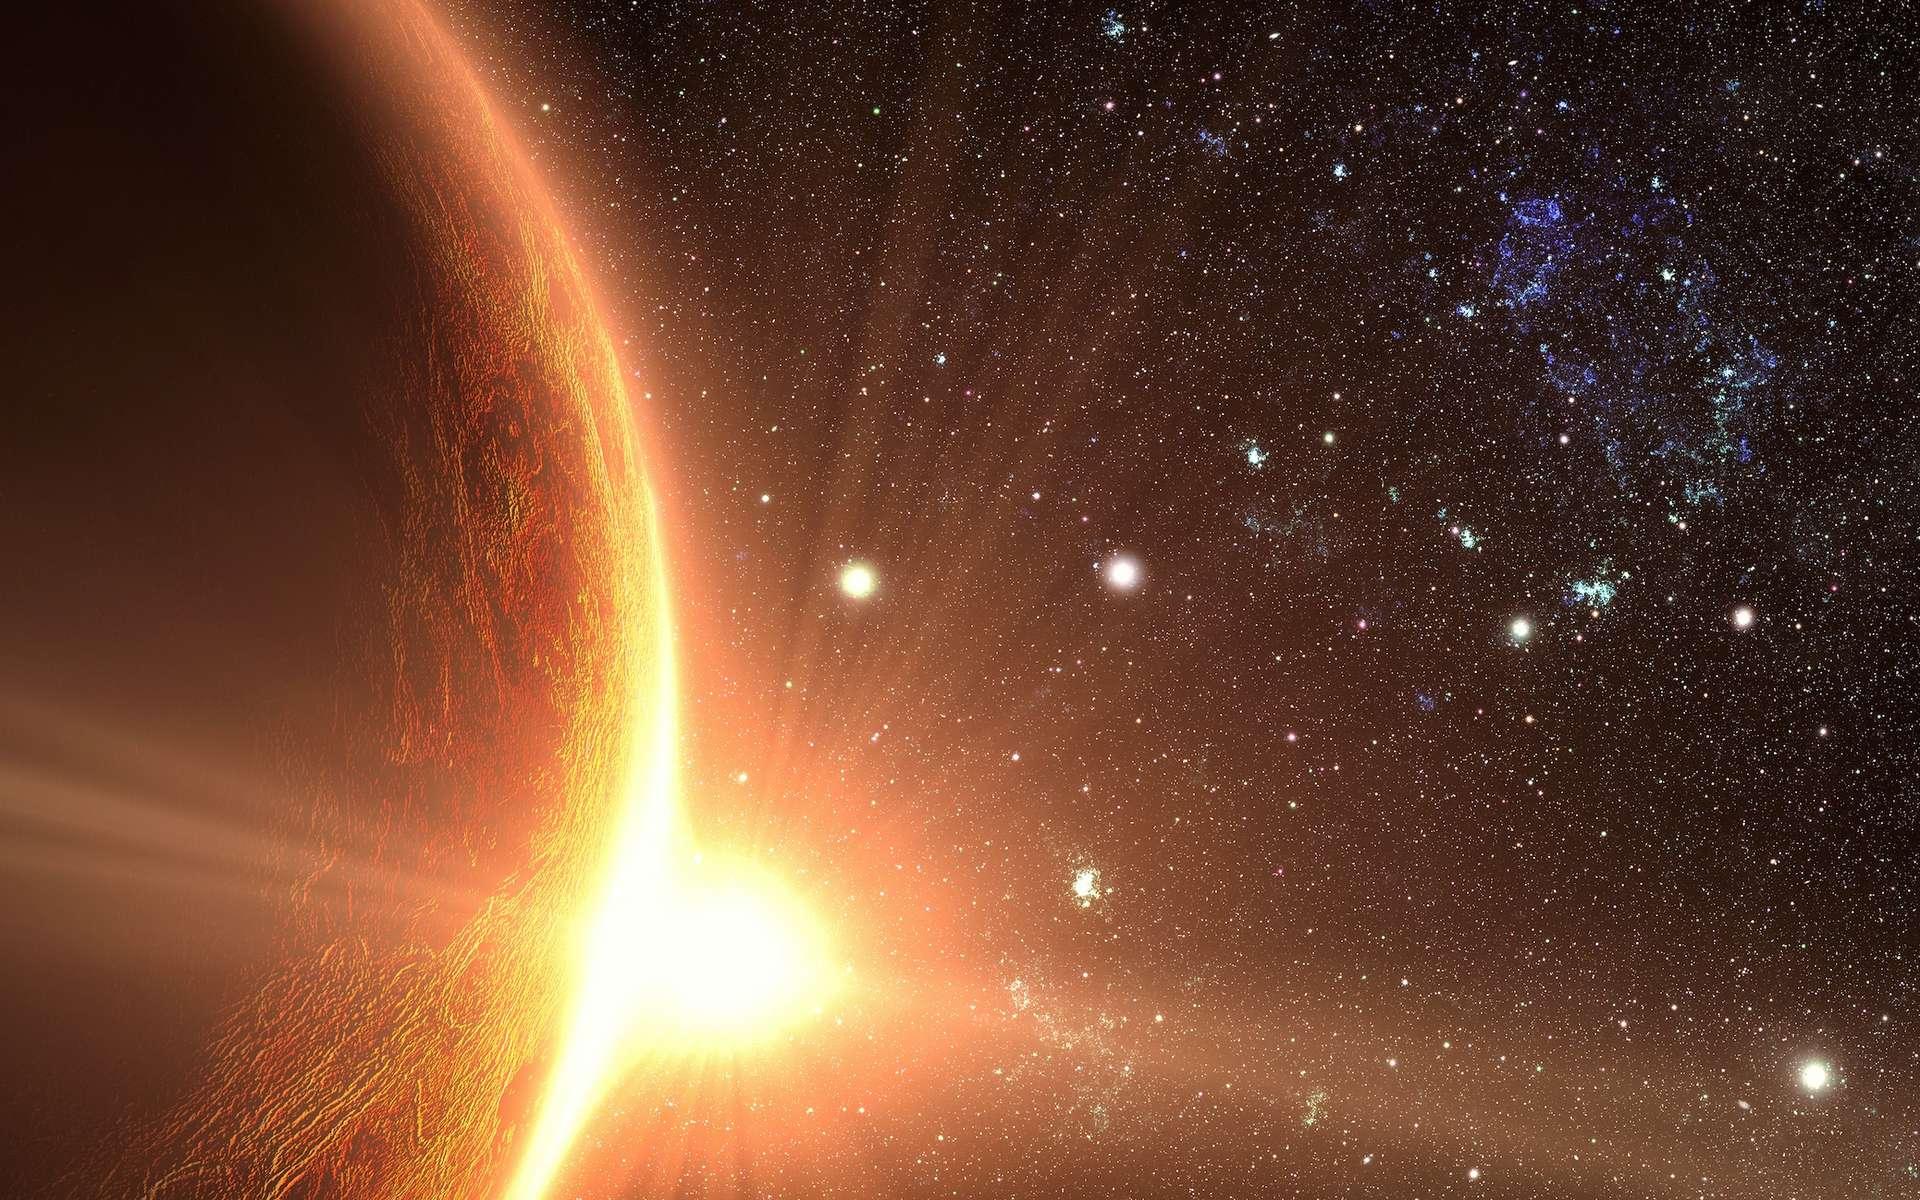 Vénus observée dans l'ultraviolet par le télescope spatial Hubble le 24 janvier 1995. © Nasa, JPL